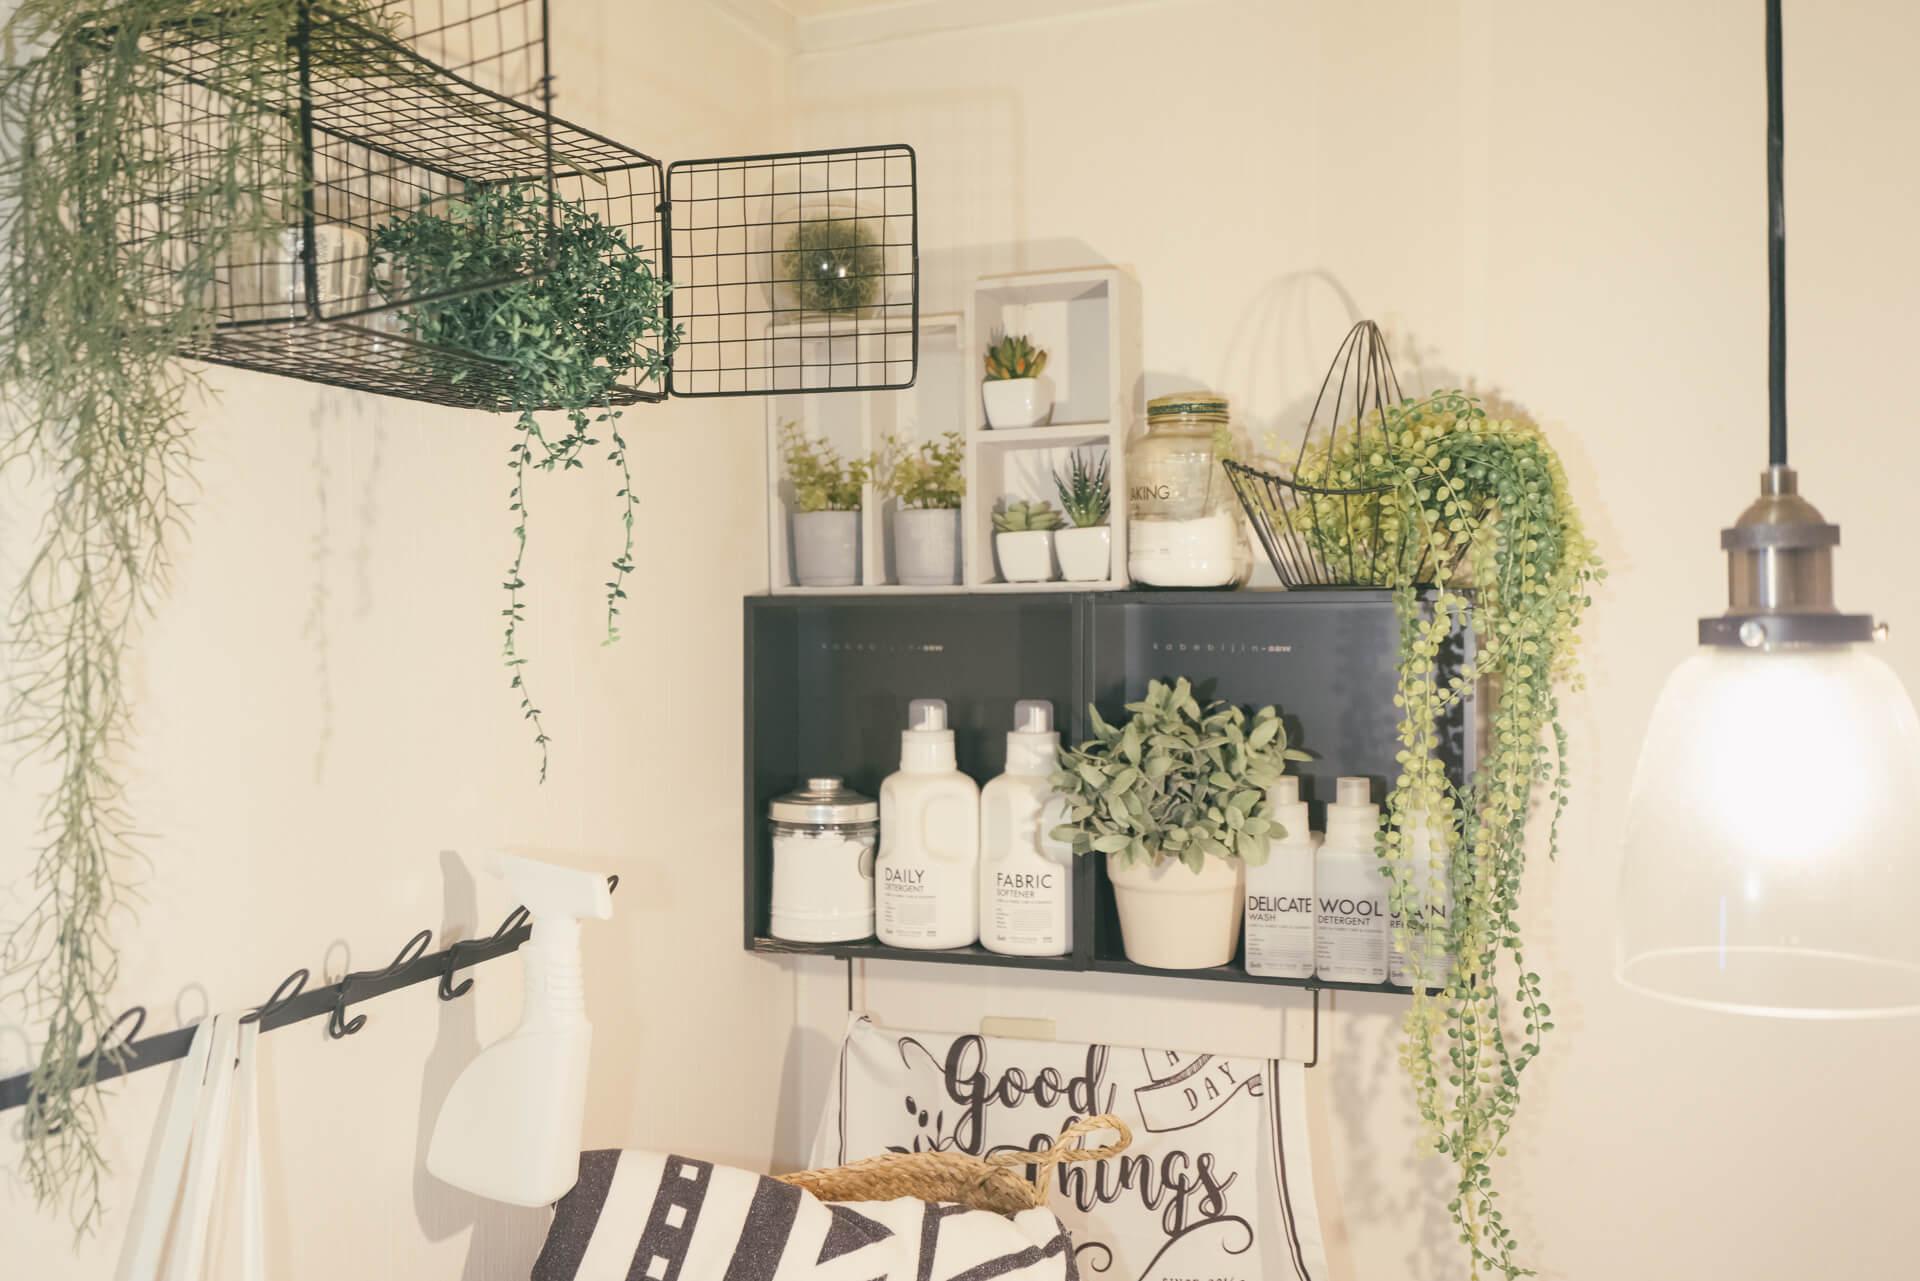 洗濯機の周りやトイレ、お風呂など光の届かない場所は、本物の植物が育たないことも。そんな時にはフェイクグリーンが活躍します。(このお部屋はこちら)